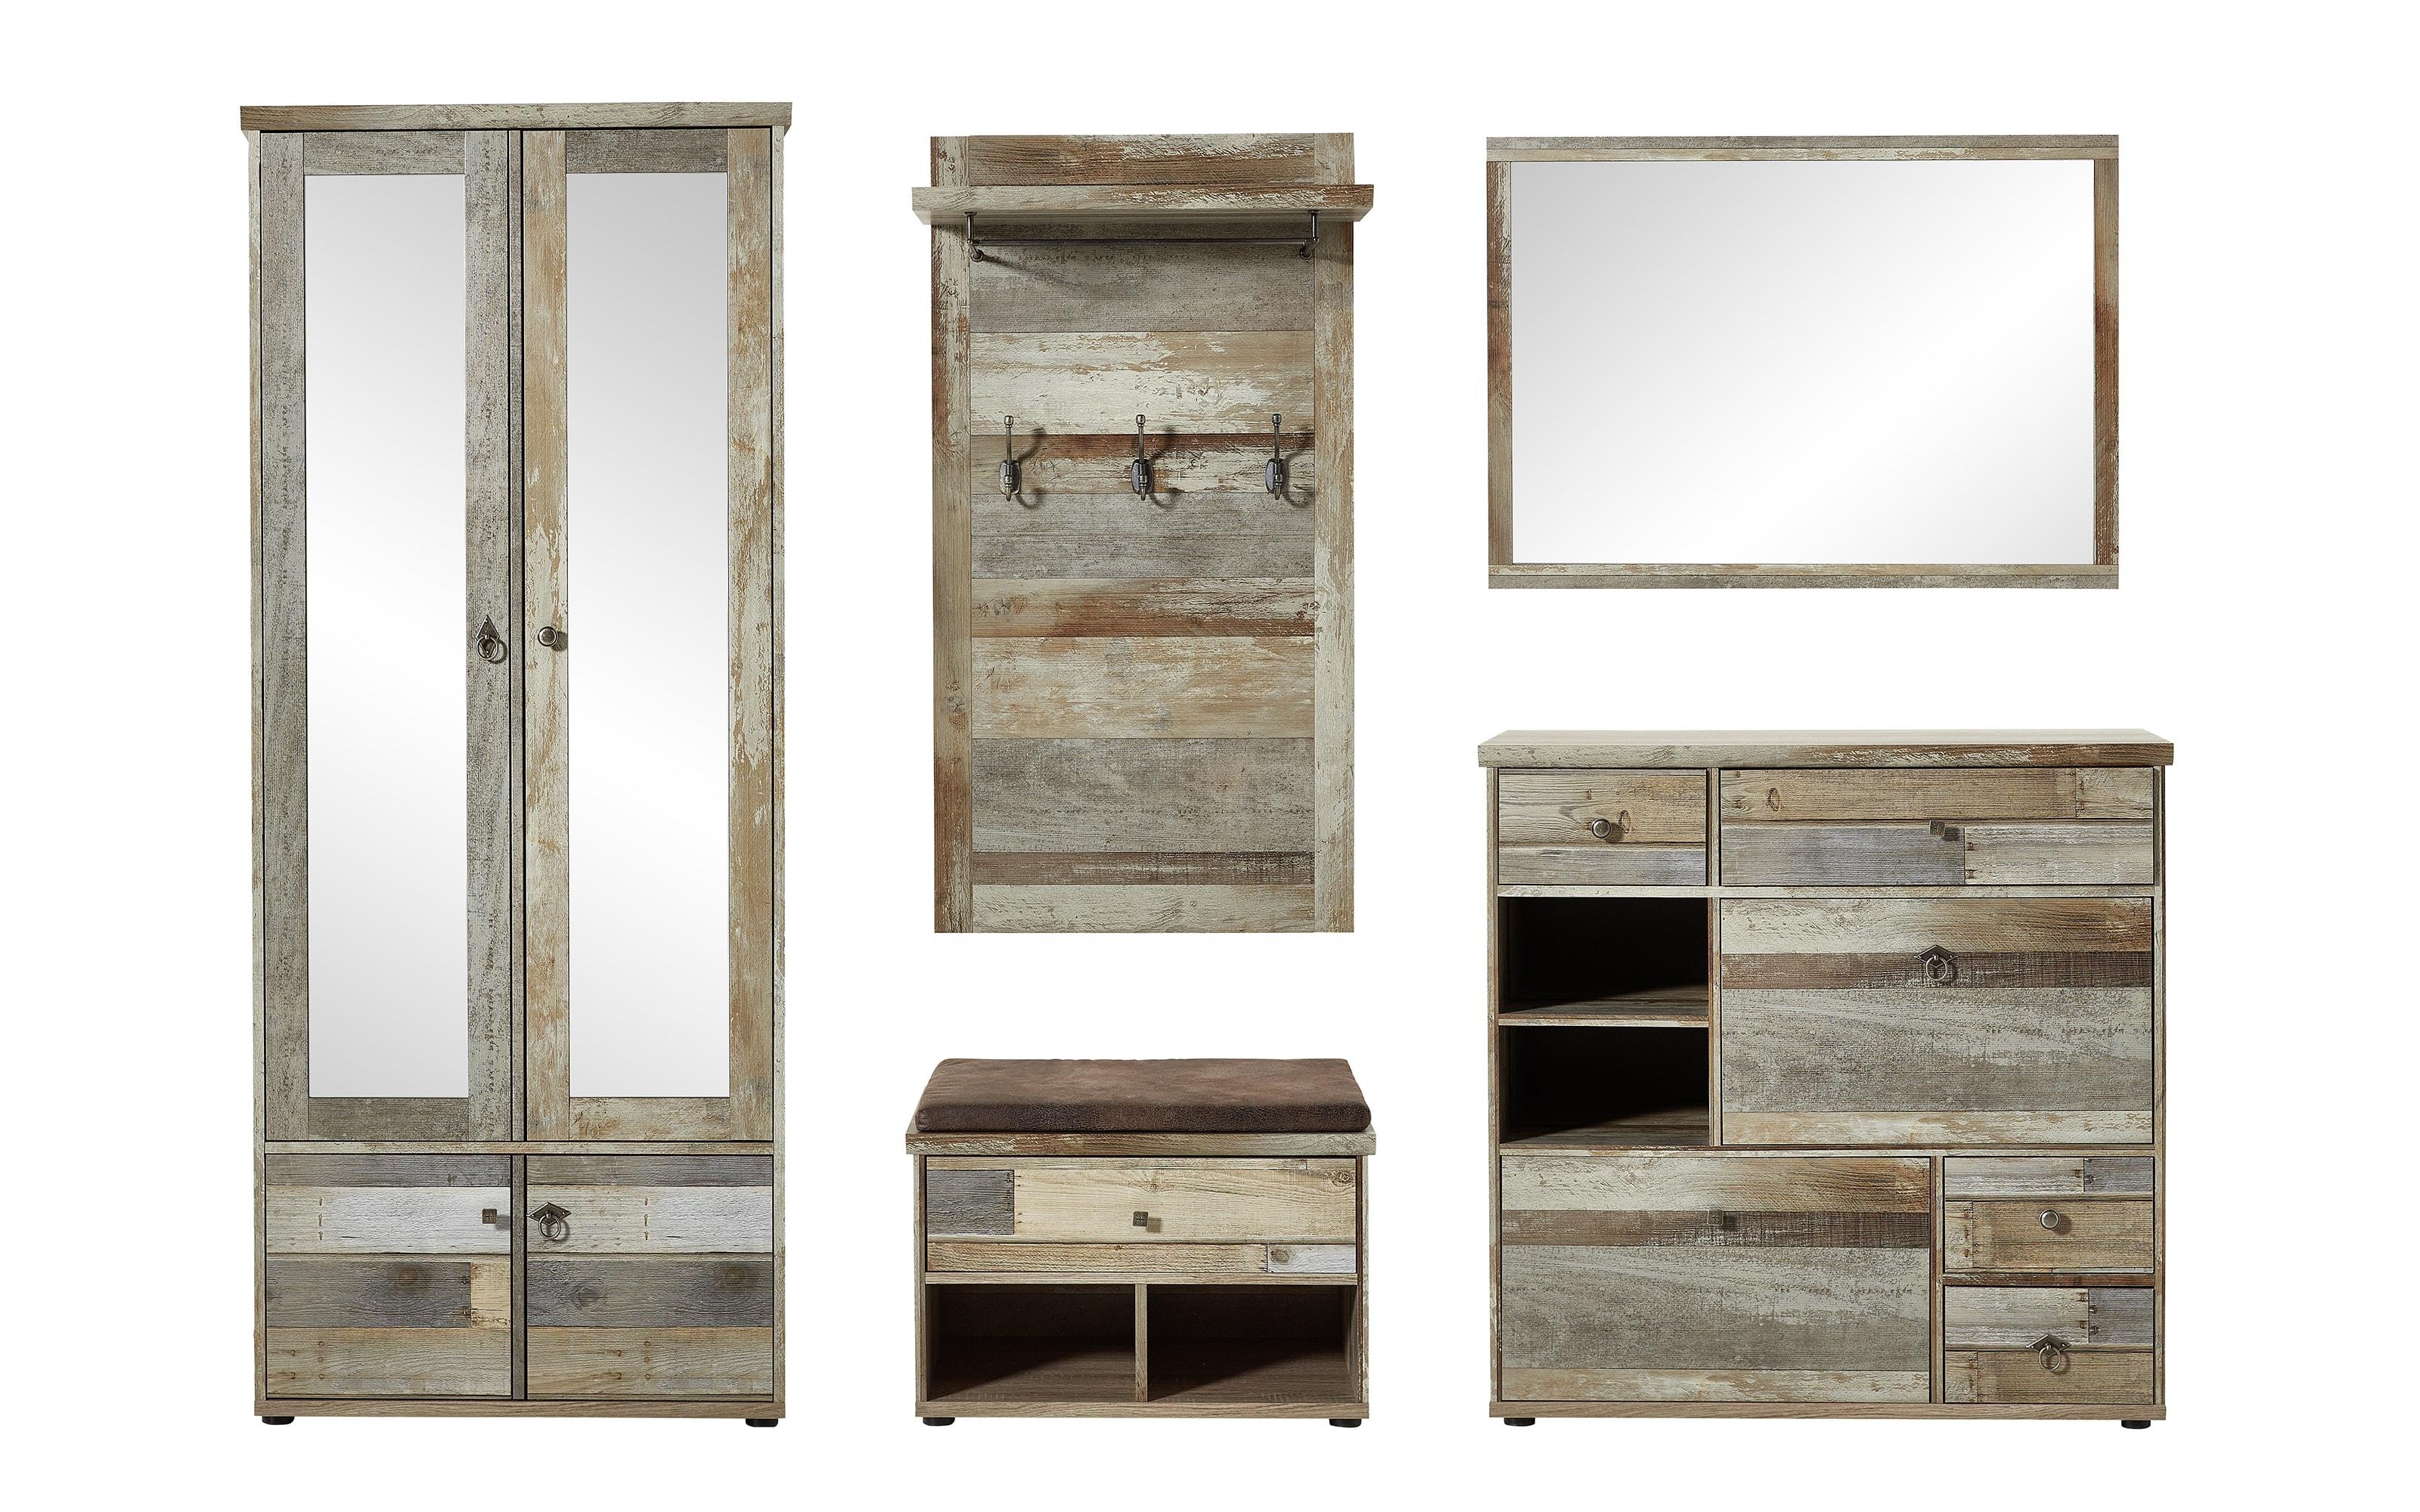 Spiegel Bonanza in Driftwood-Nachbildung, 97 x 70 cm